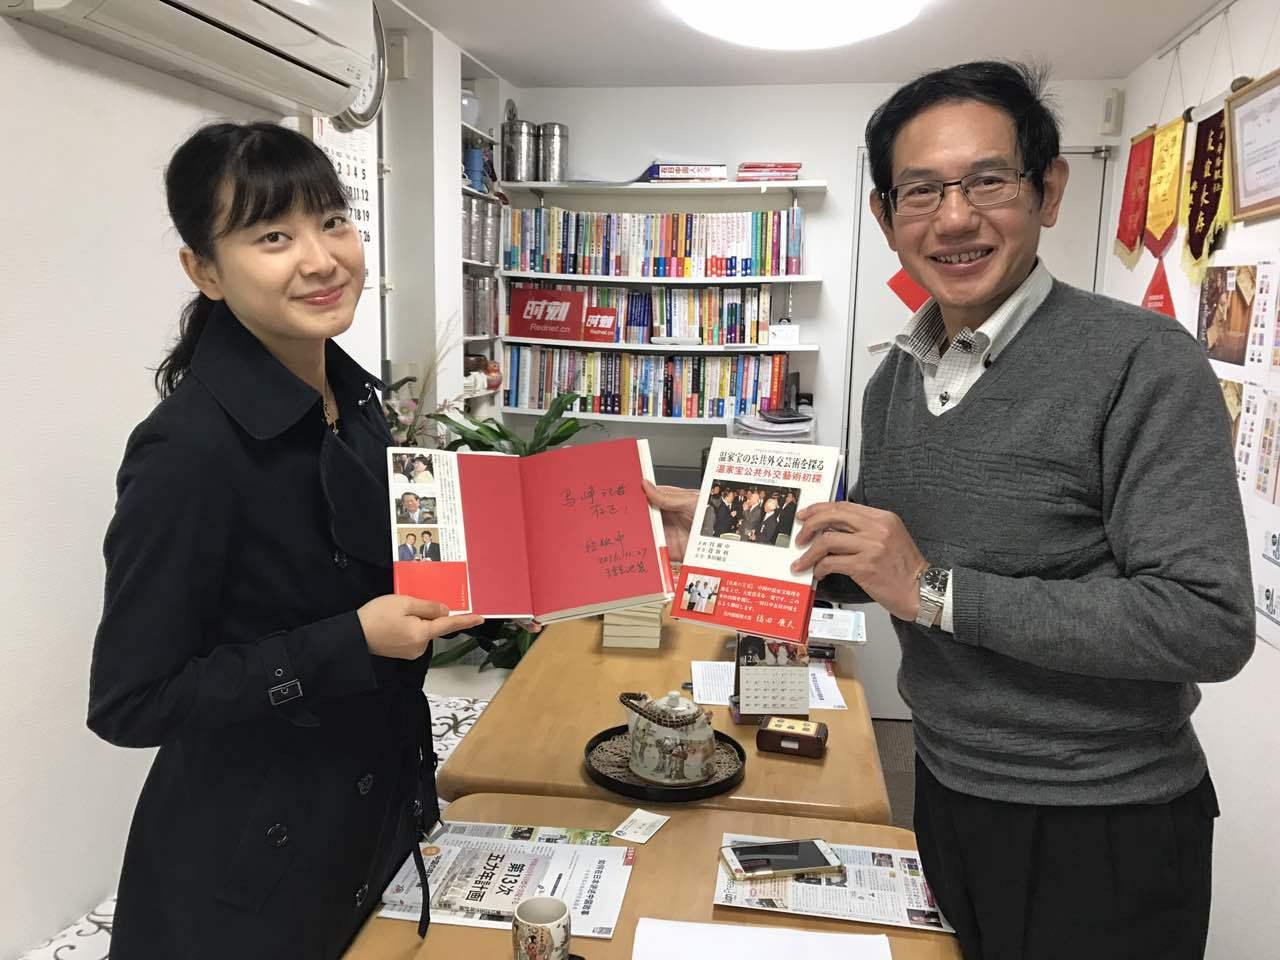 美女获奖者参加汉语角,美女记者采访汉语角_d0027795_19444563.jpg